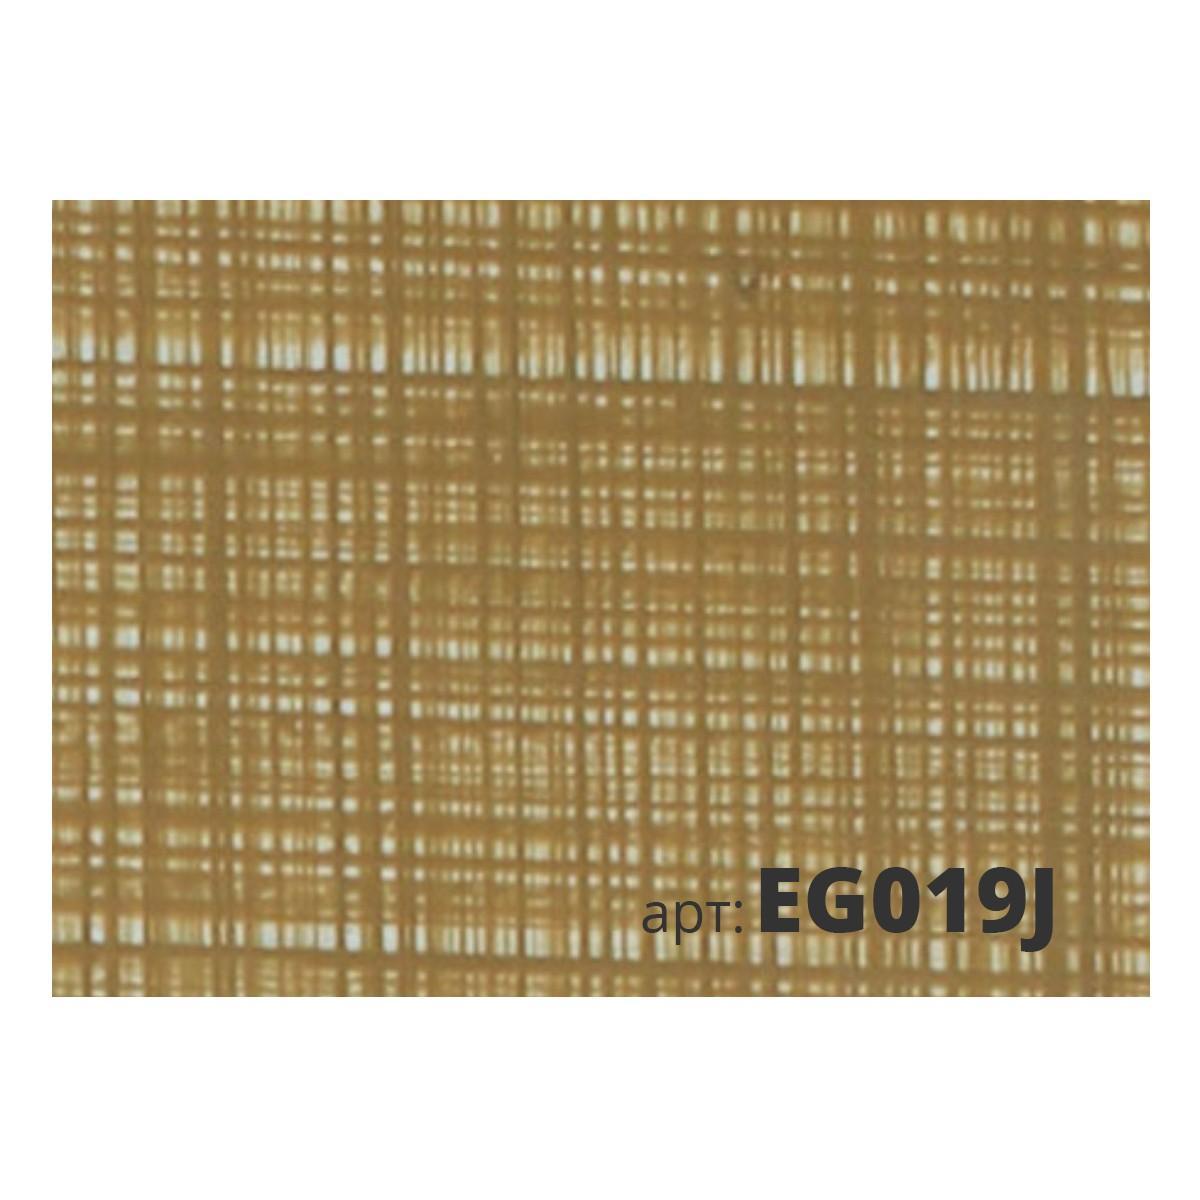 Скребок с ручкой пластиковая колючка EG019J